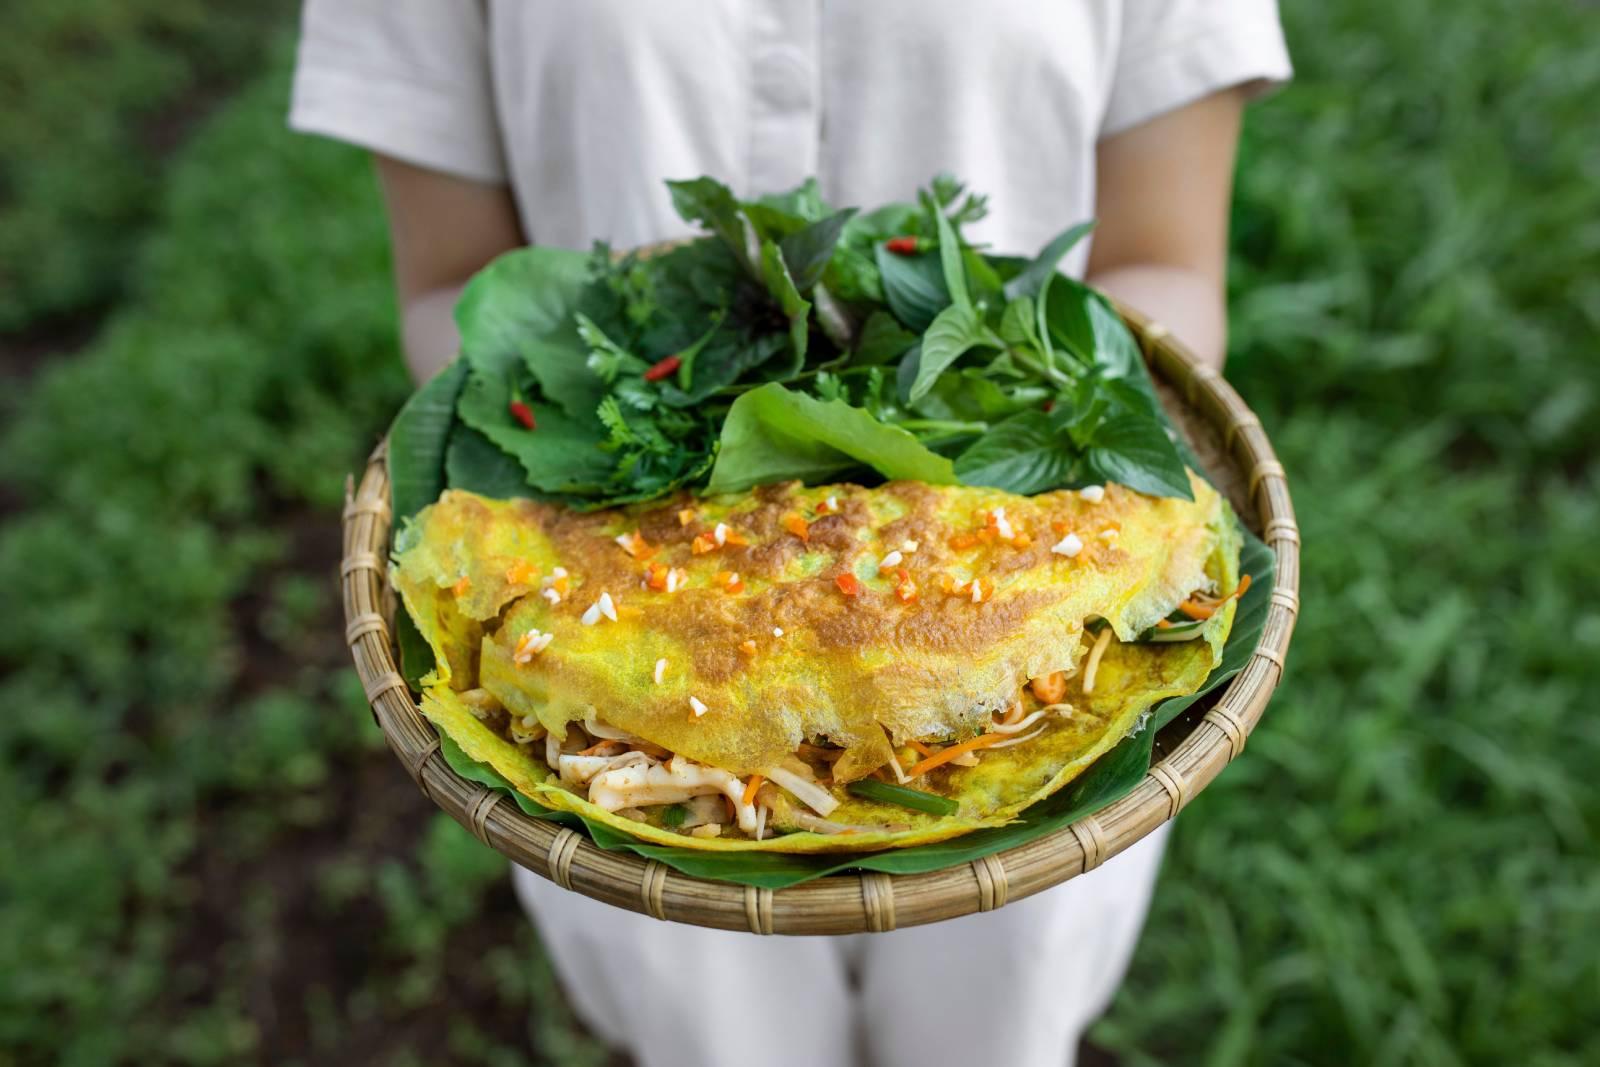 Bánh xèo tôm giòn rụm – Đặc sản ẩm thực thuần Việt tại nhà hàng Vietnamese by the Market